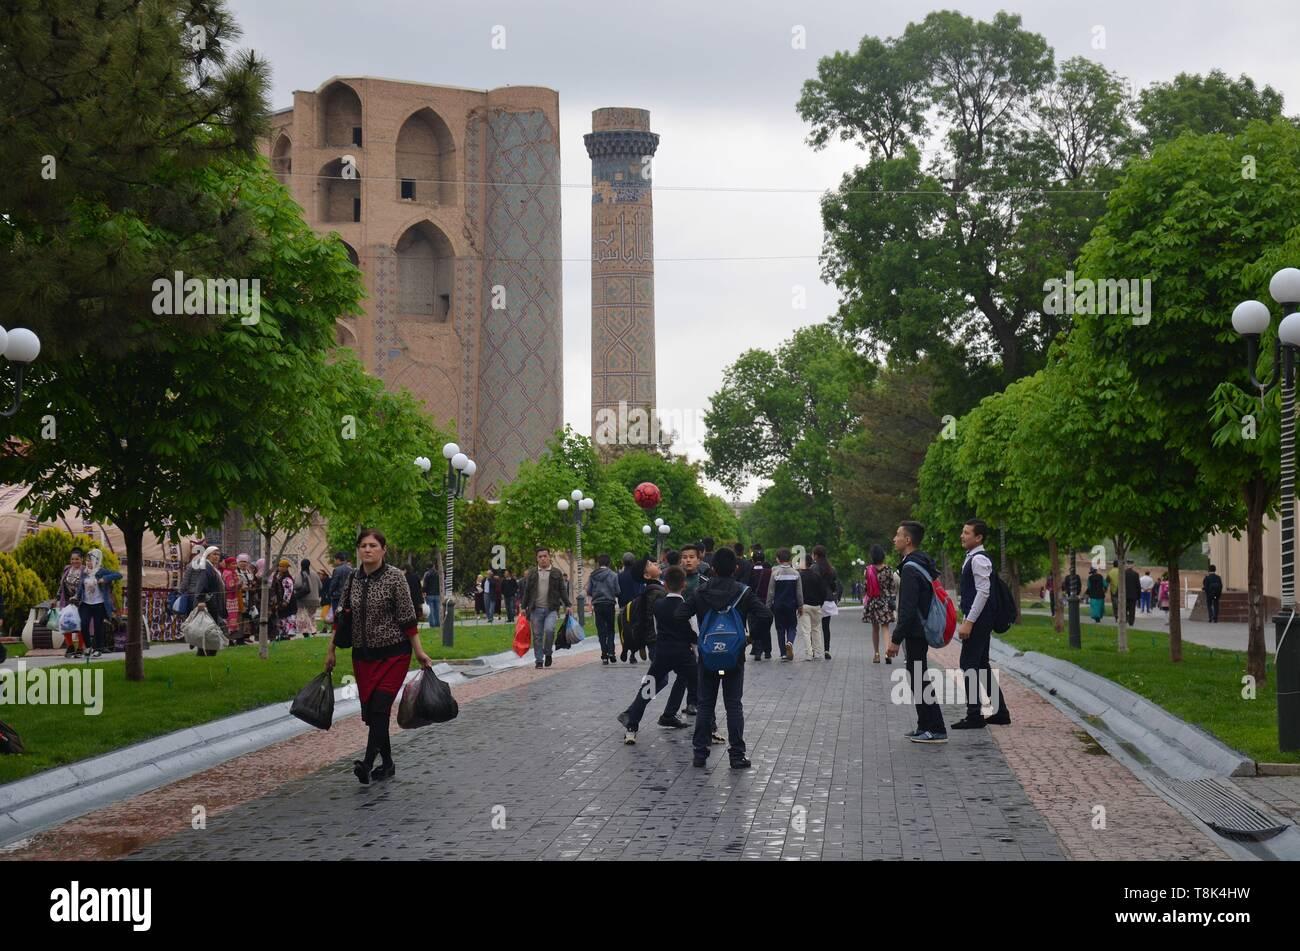 Samarkand, UNESCO Weltkulturerbe in Usbekistan: der Bibi Xanum Moscheen- und Mausoleumskomplexund die Fußgängerzone Stock Photo